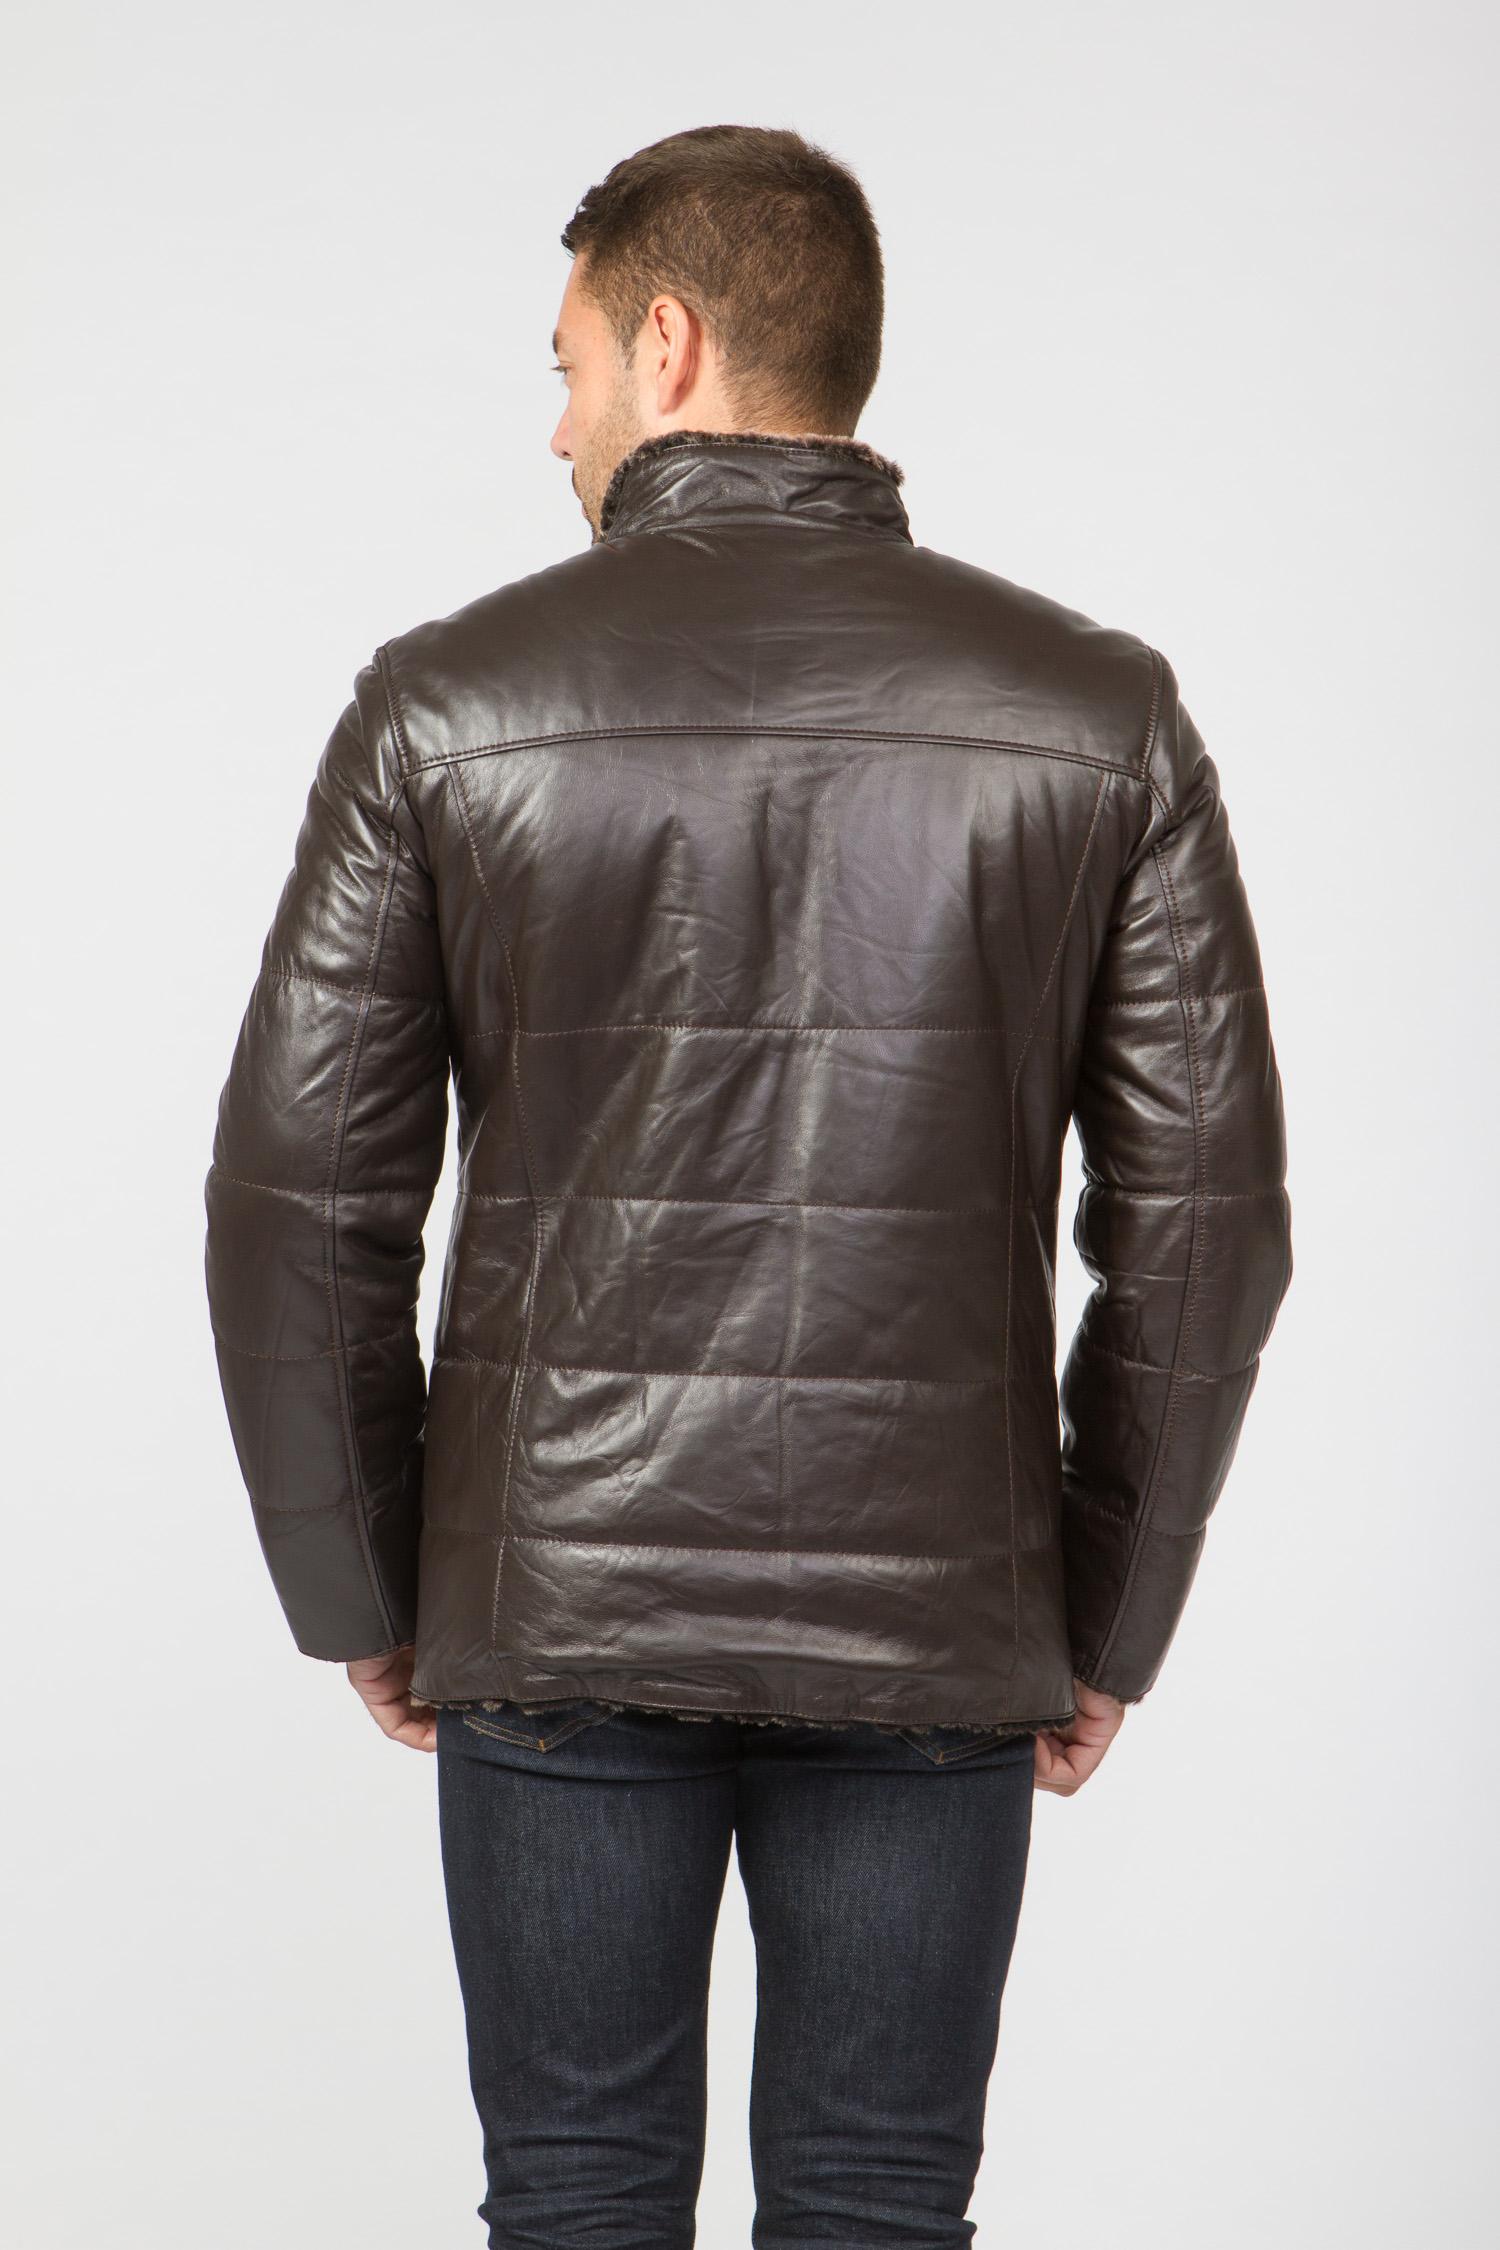 Мужская кожаная куртка из натуральной овчины на меху с воротником, без отделки